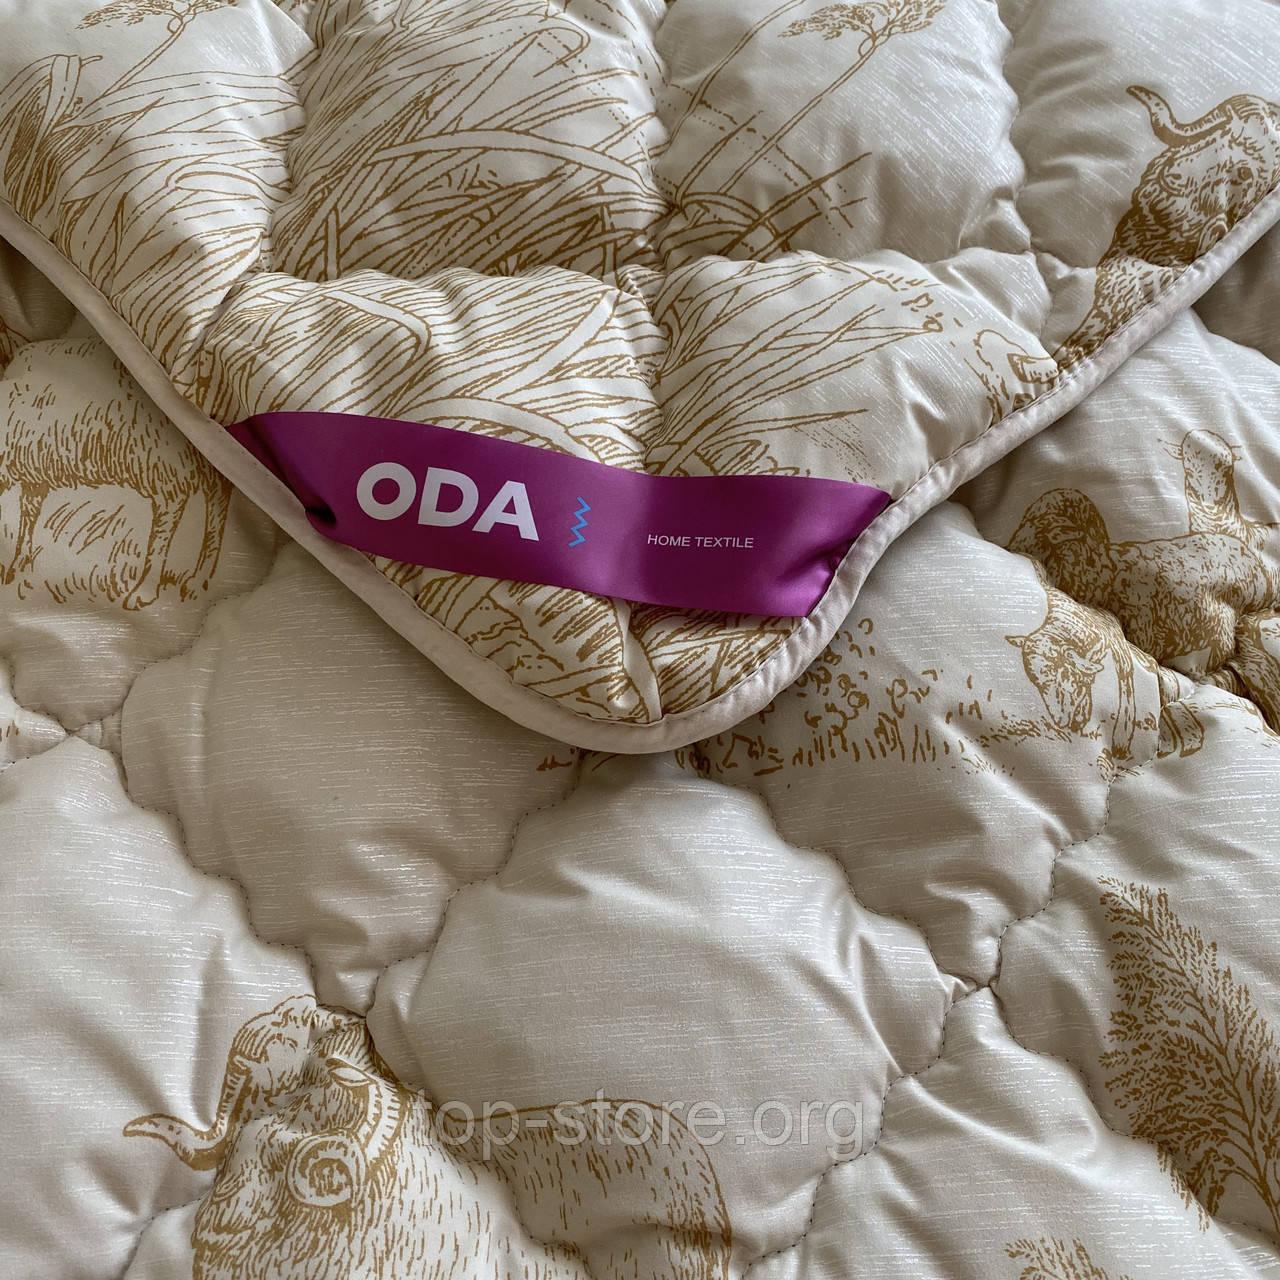 Одеяло на овчине евро размера 200х220 Качественное, теплое зимнее одеяло ODA